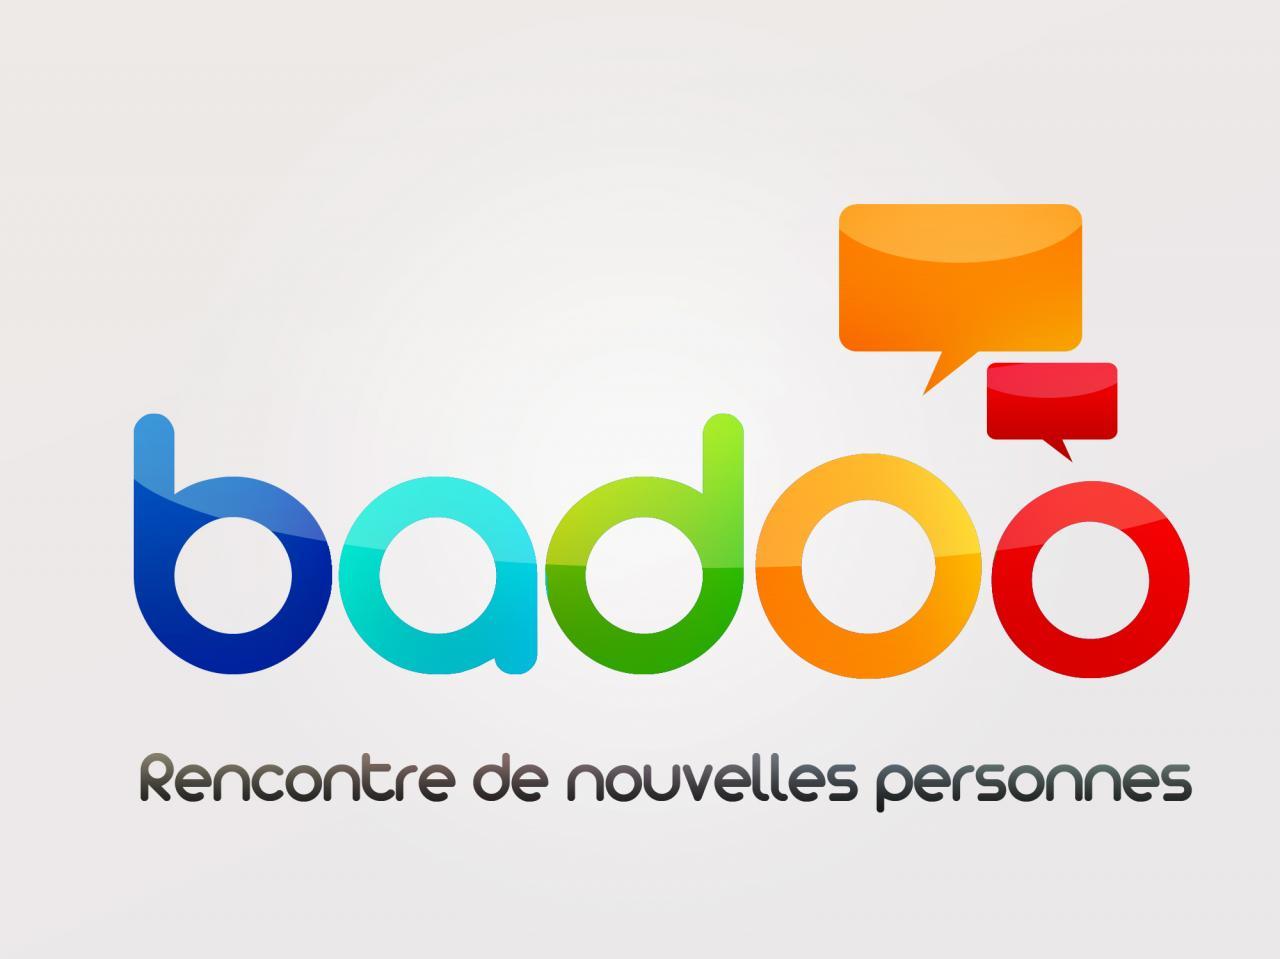 Site rencontre badoo.com